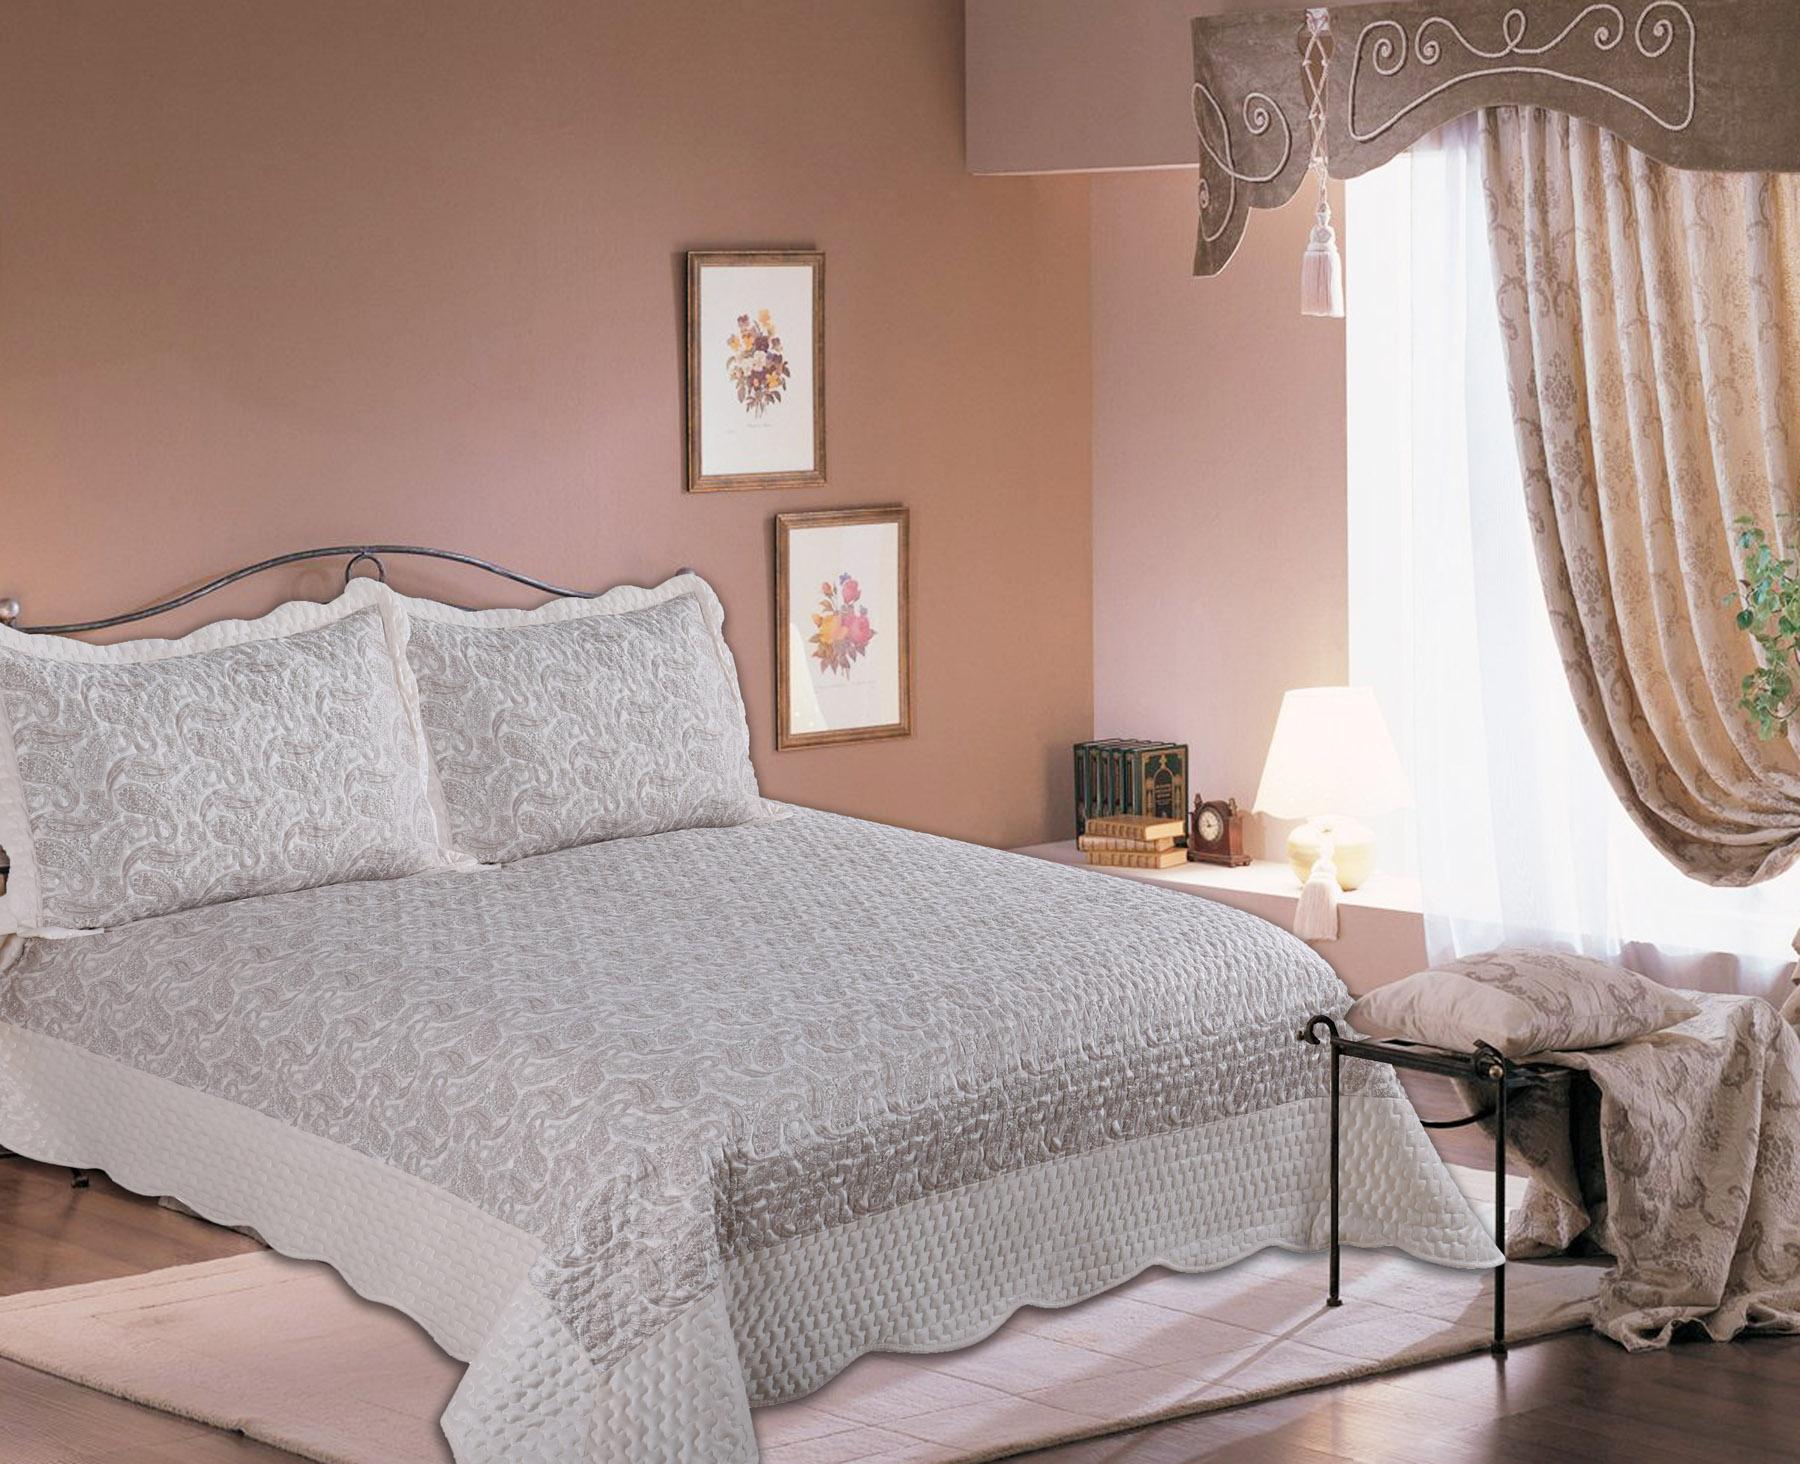 Купить Пледы и покрывала Amore Mio, Покрывало Calcutta (220х240 см), Китай, Серый, Синтетический сатин, Синтетический велюр